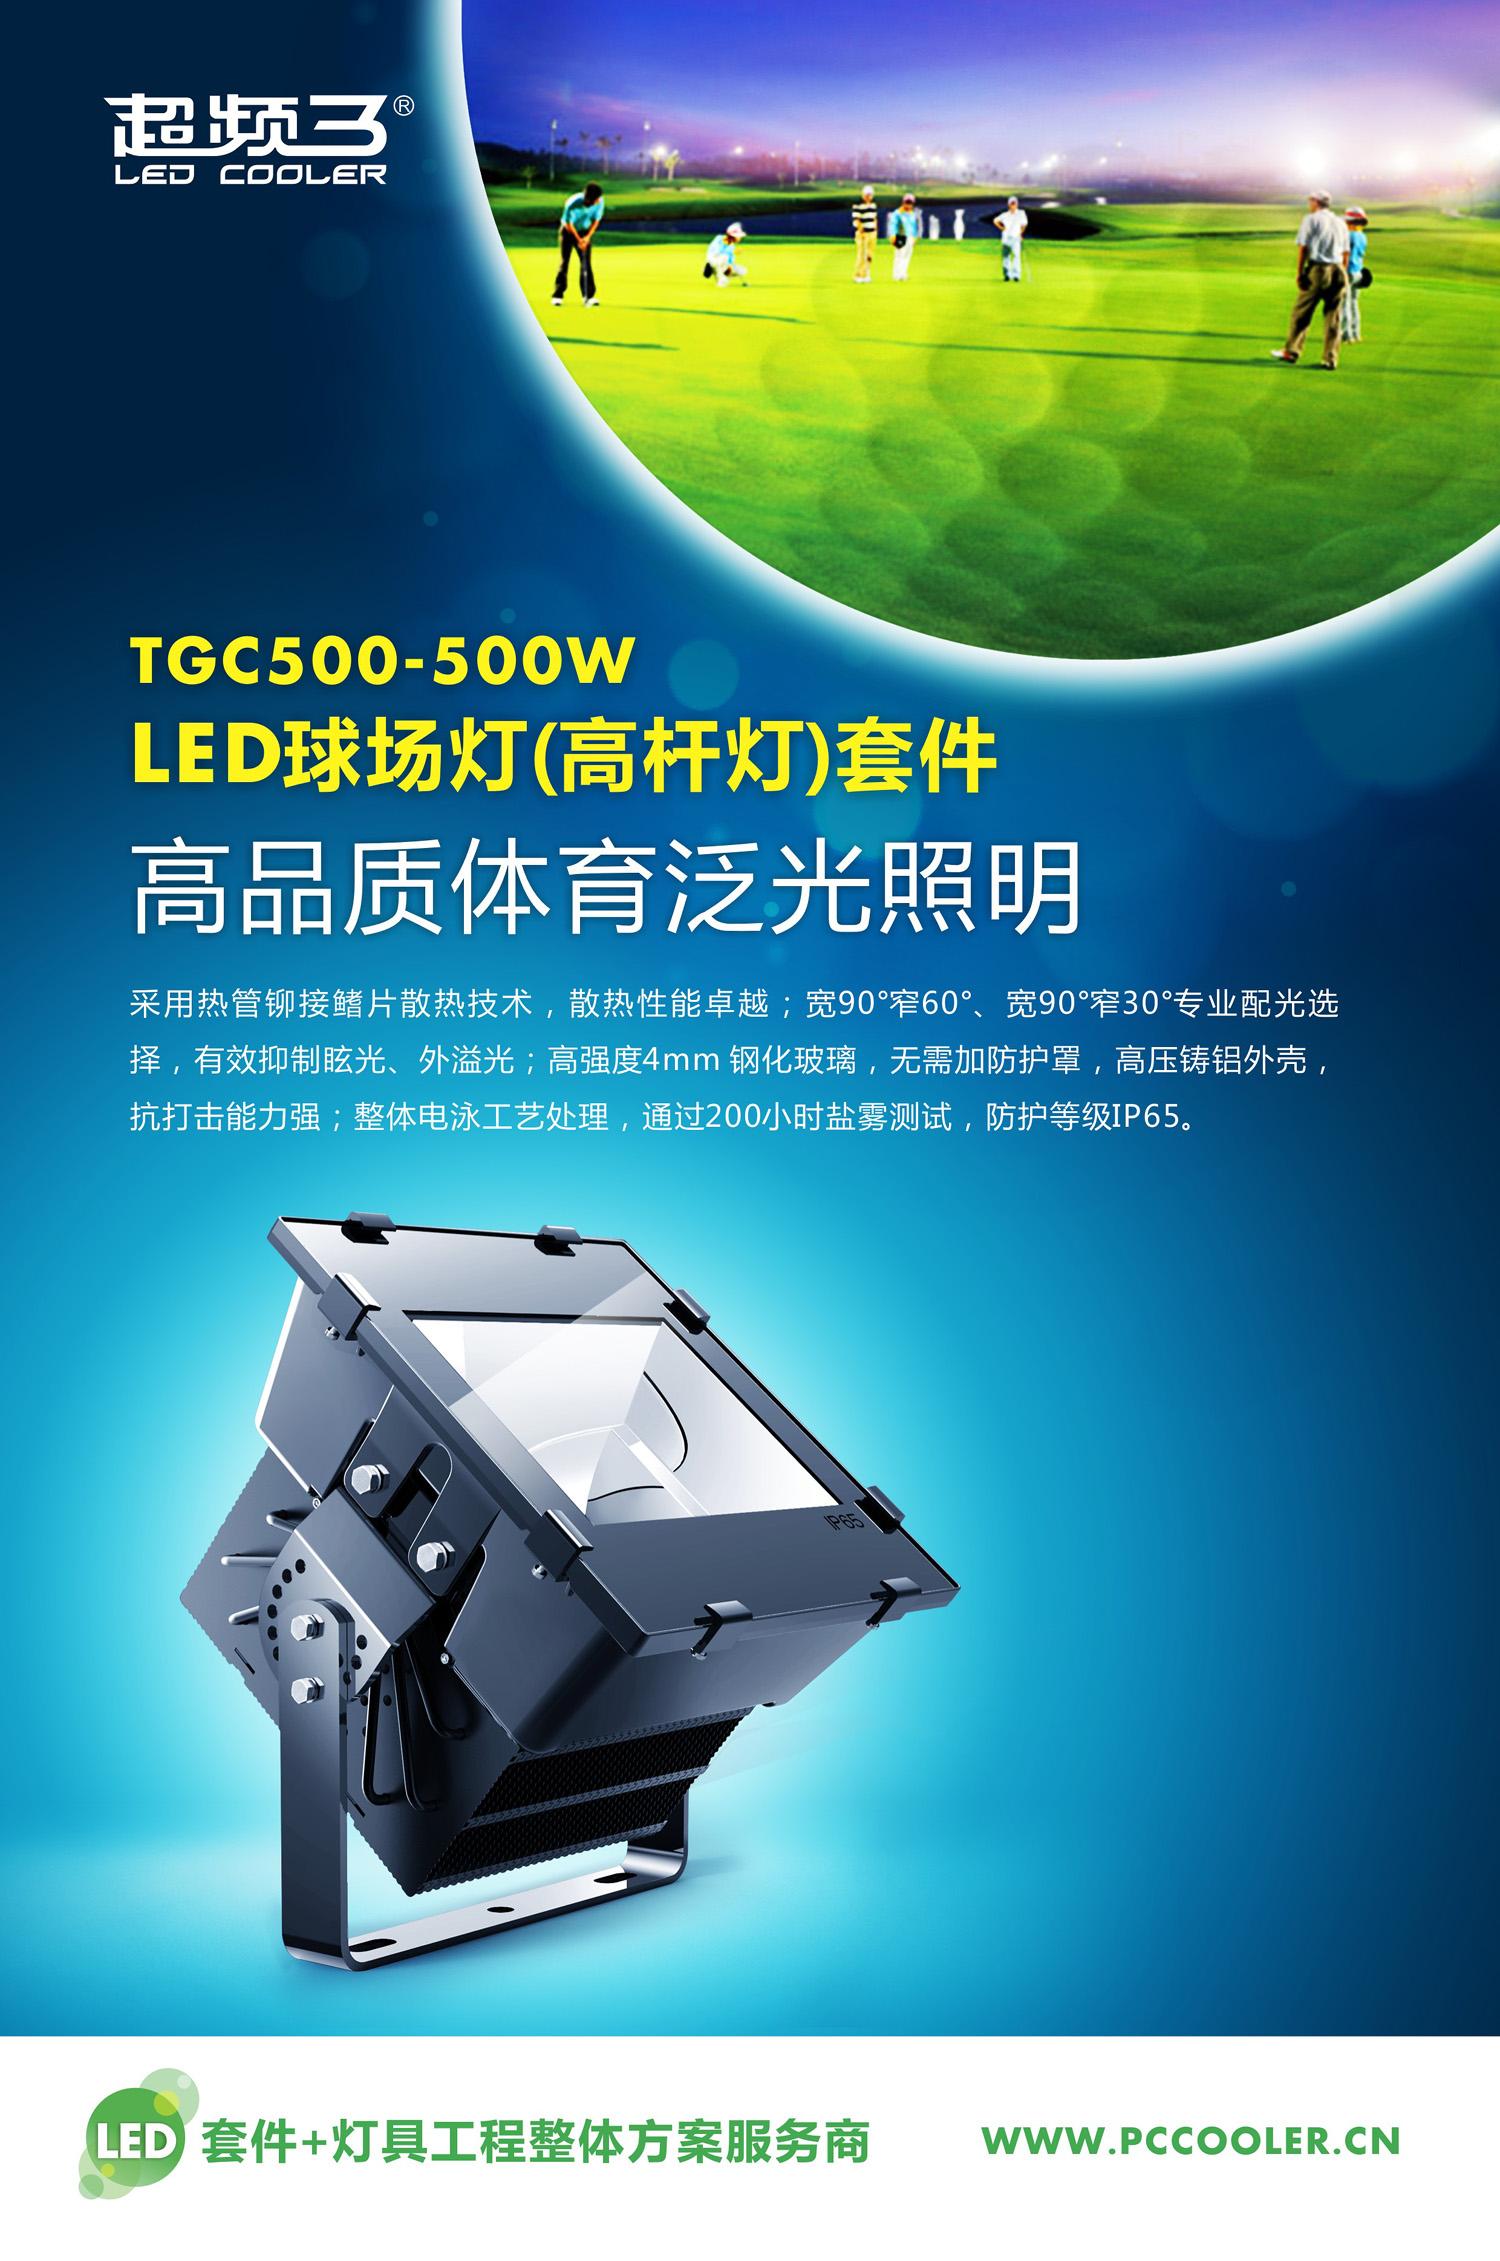 500W flood light led heatsink